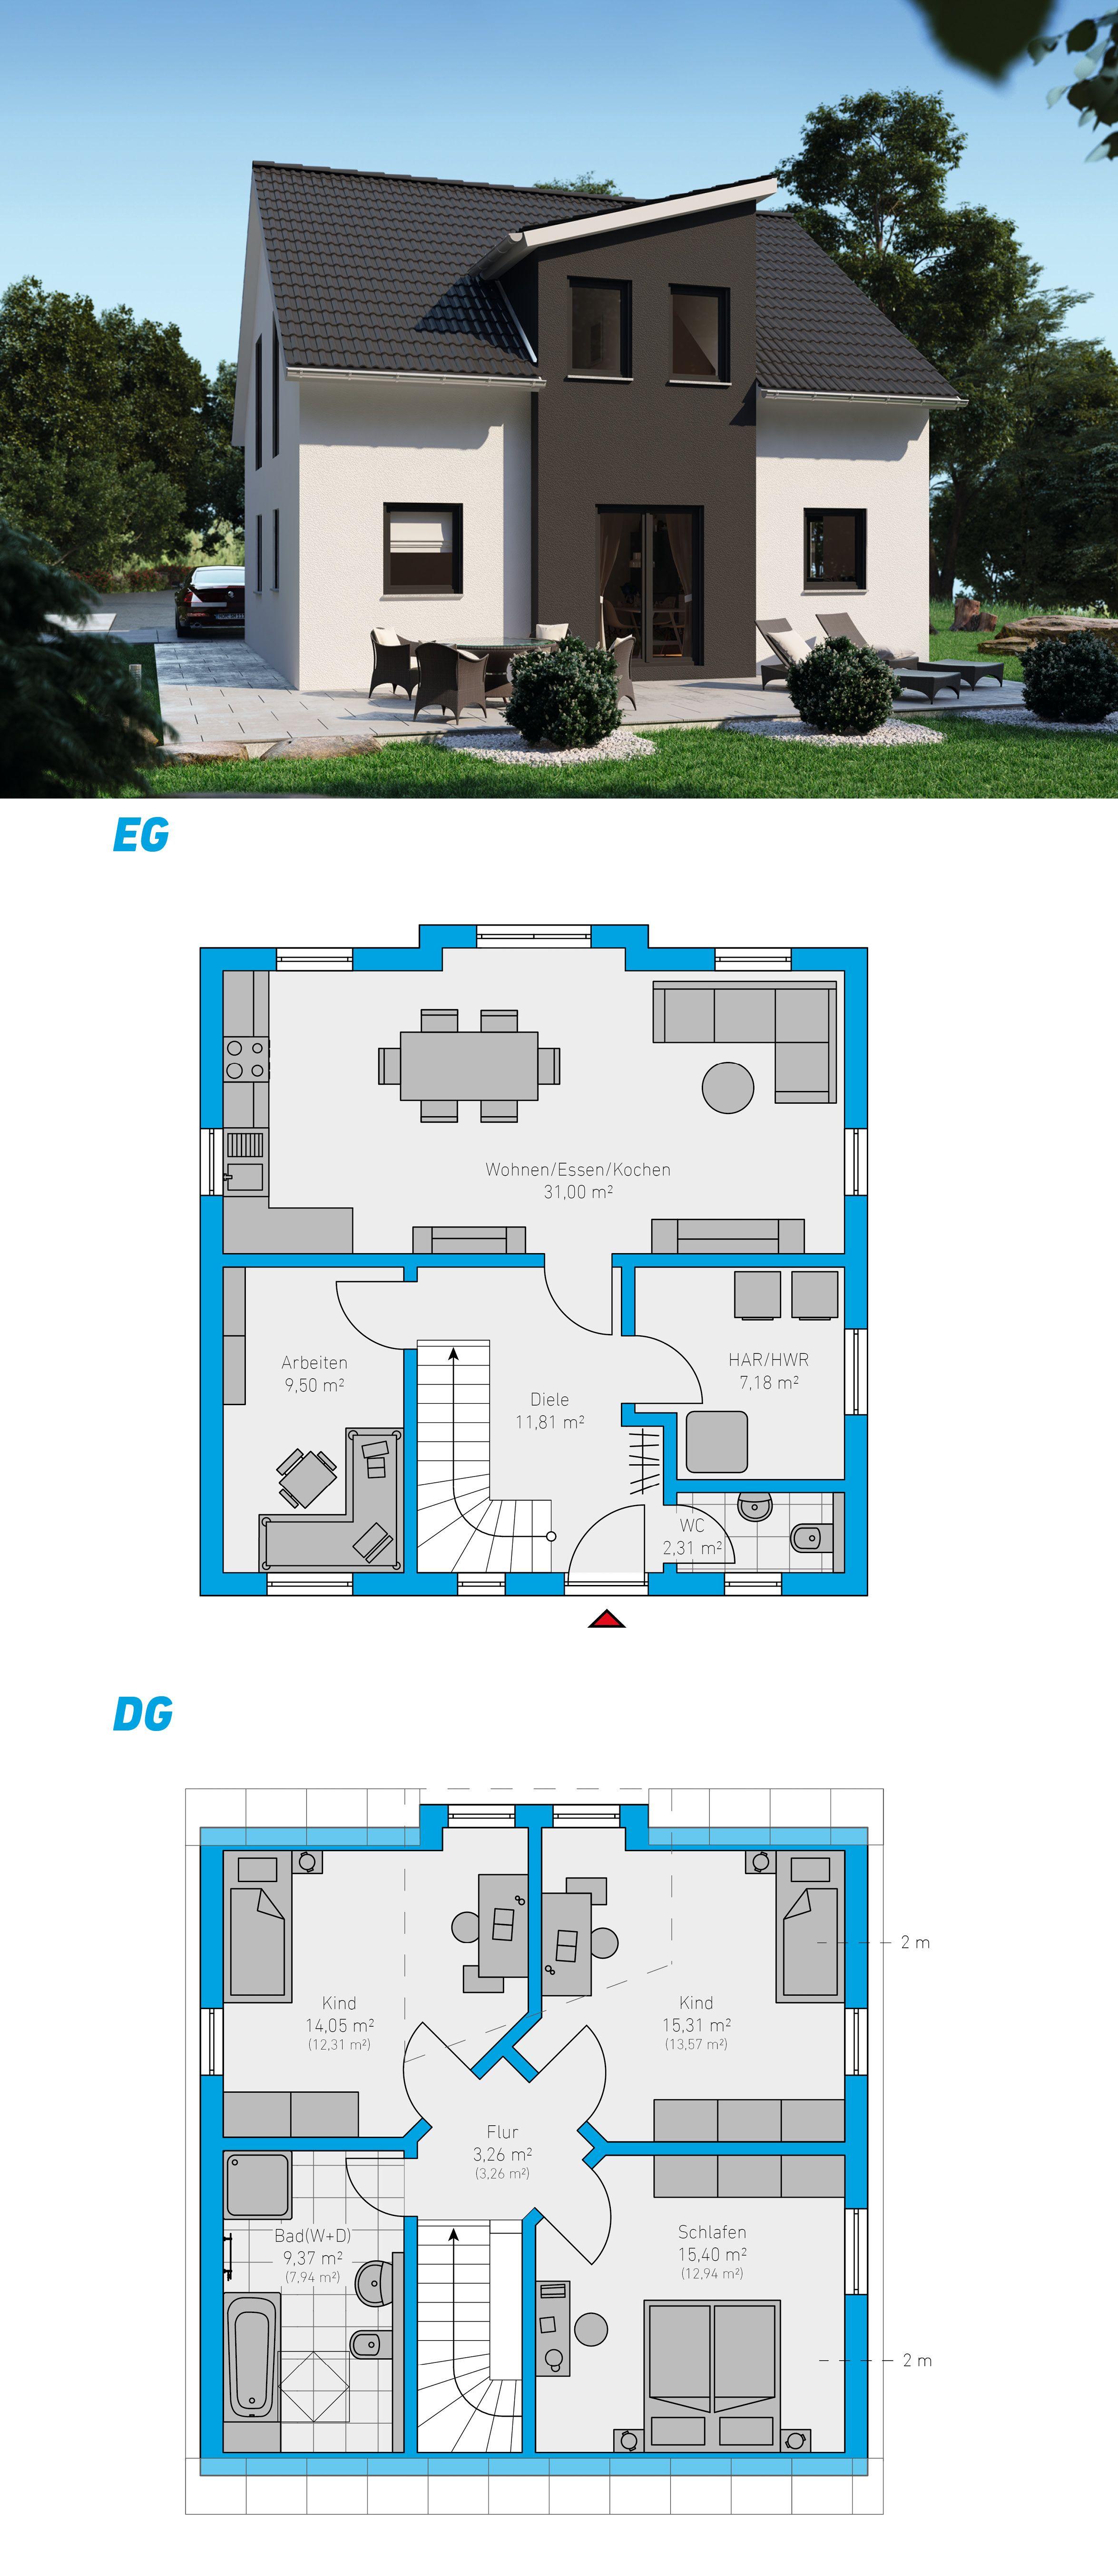 Clarus 119 schlüsselfertiges Massivhaus 1,5geschossig